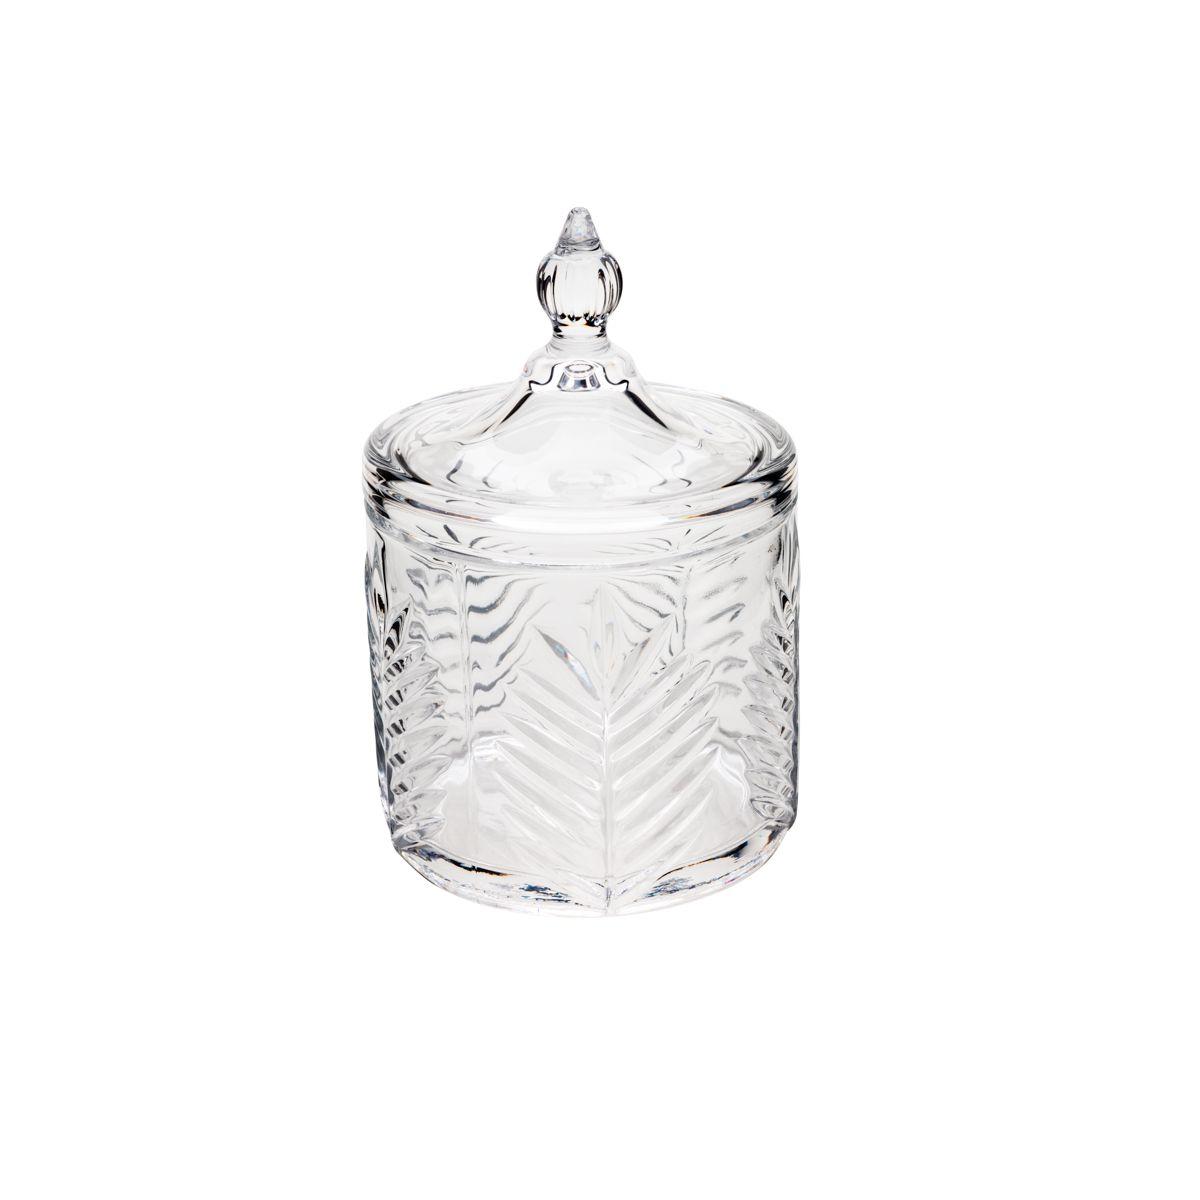 Bomboniere de Cristal De Chumbo Charlotte Palmeira   10x15,5cm